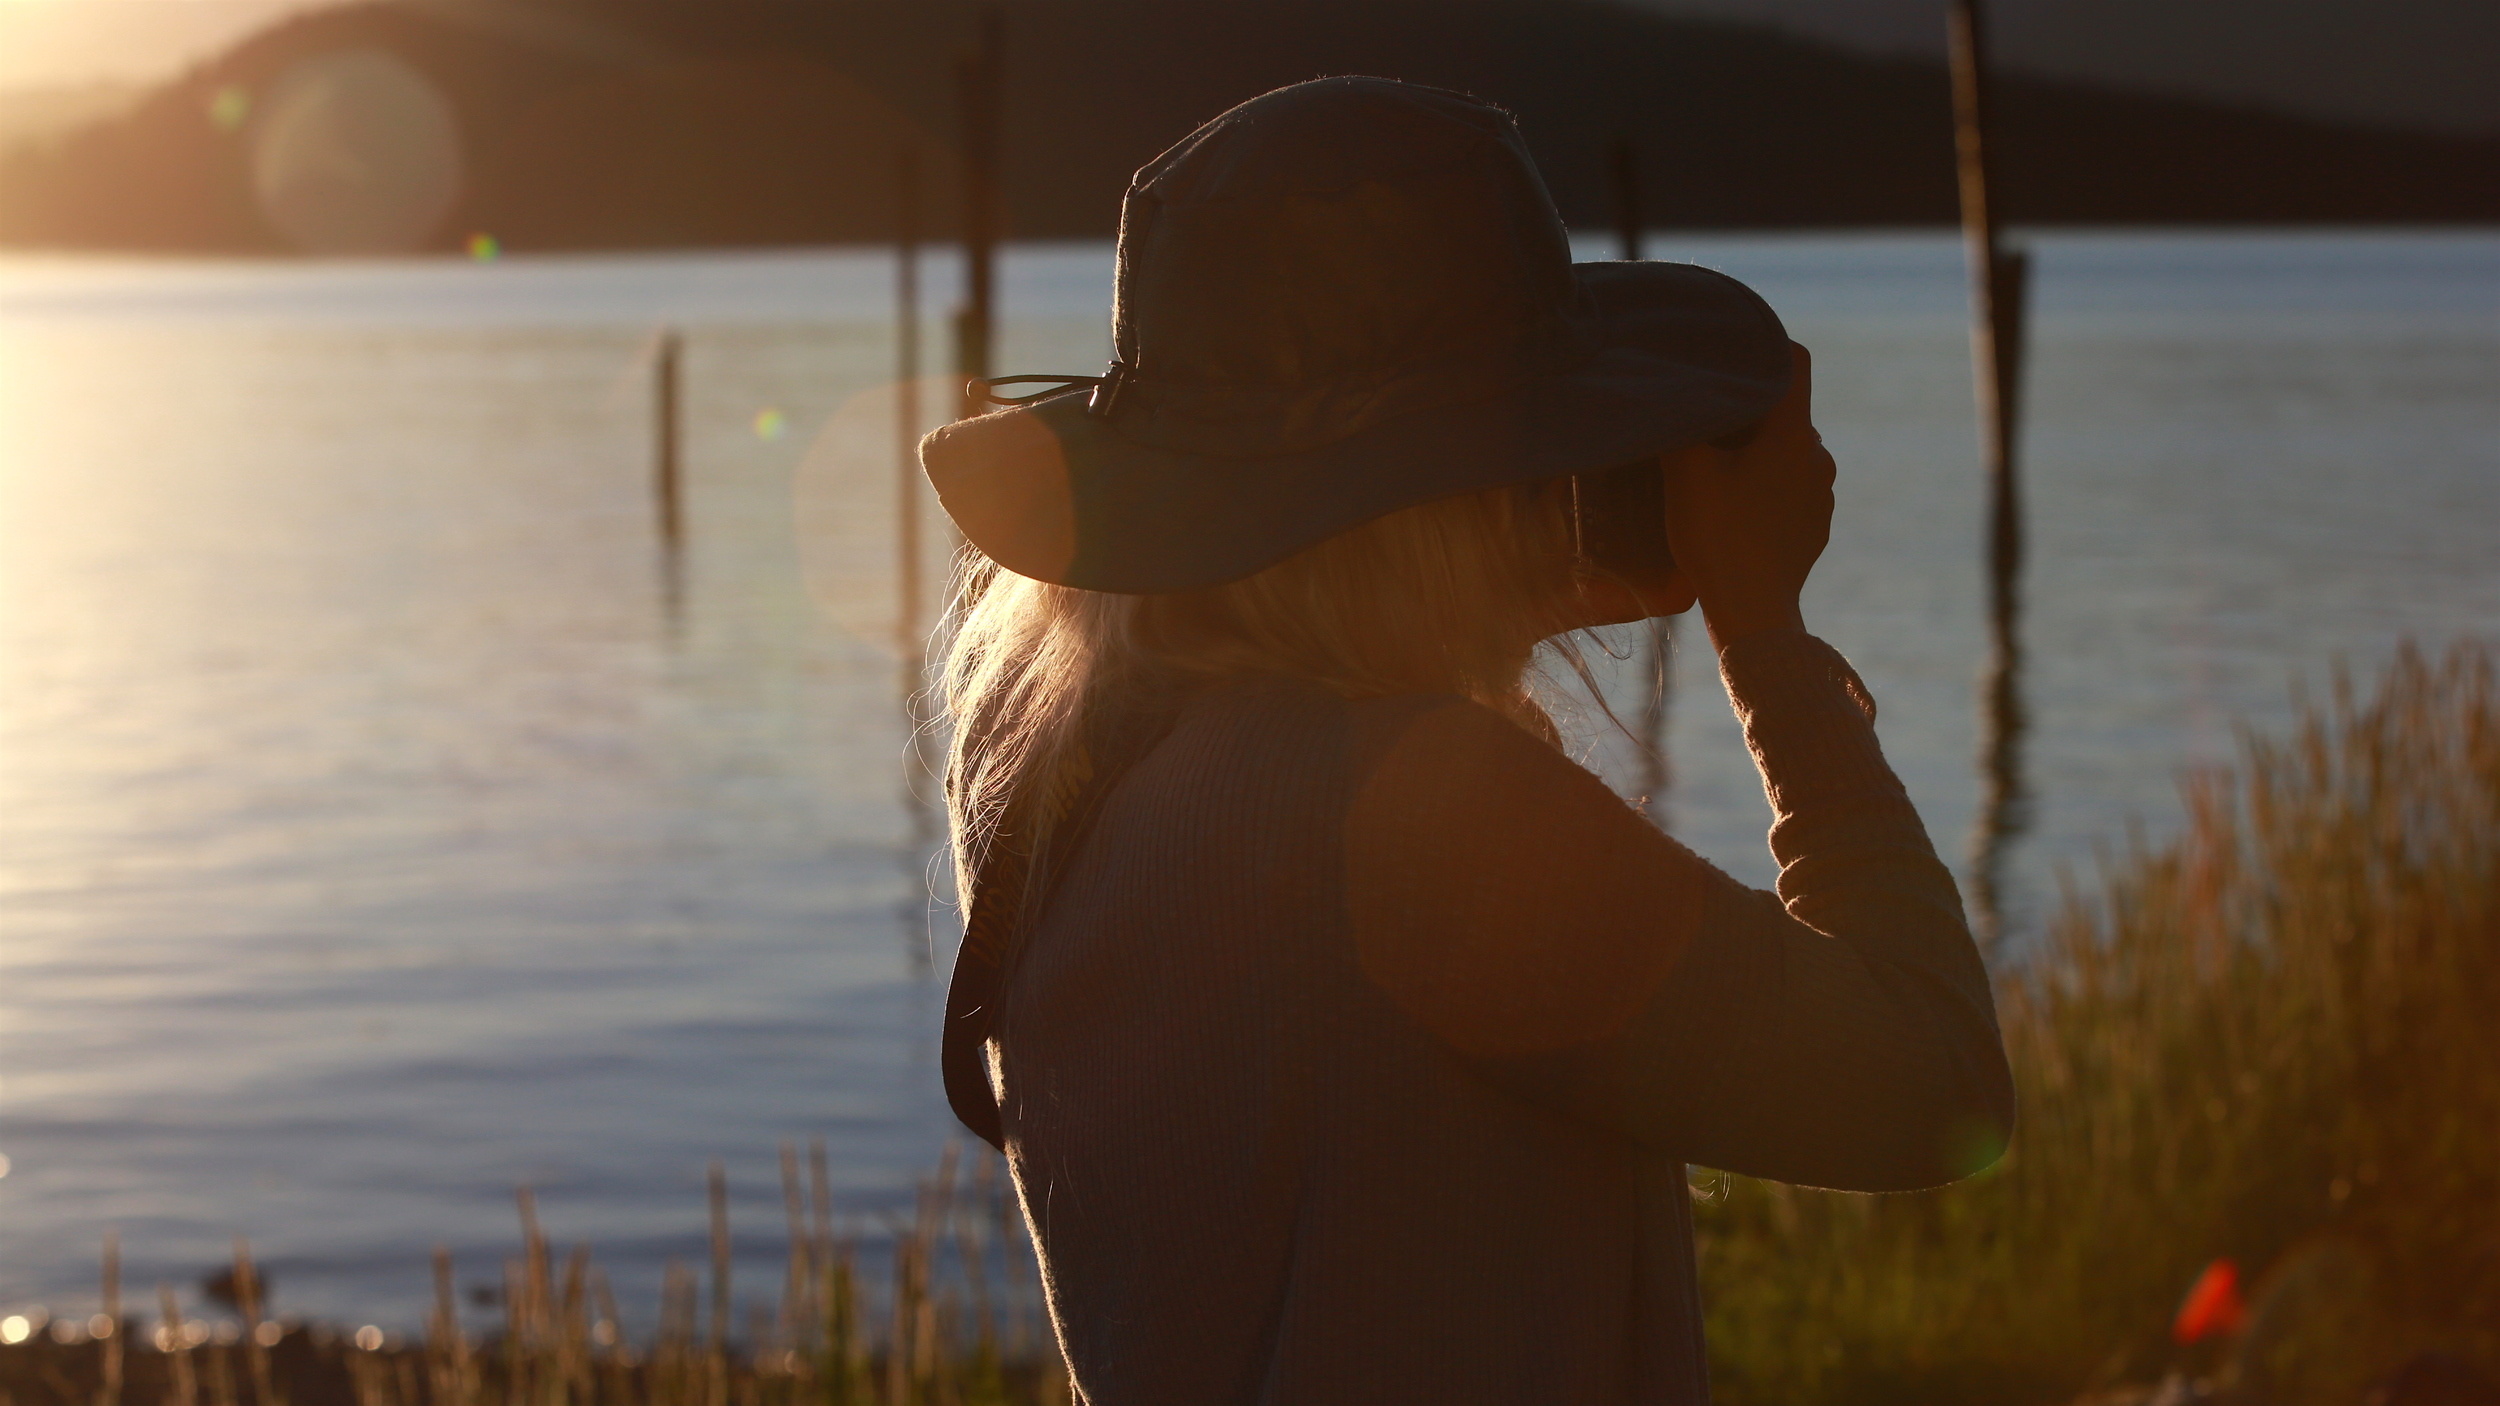 Kazumi Eckenstein at sunset